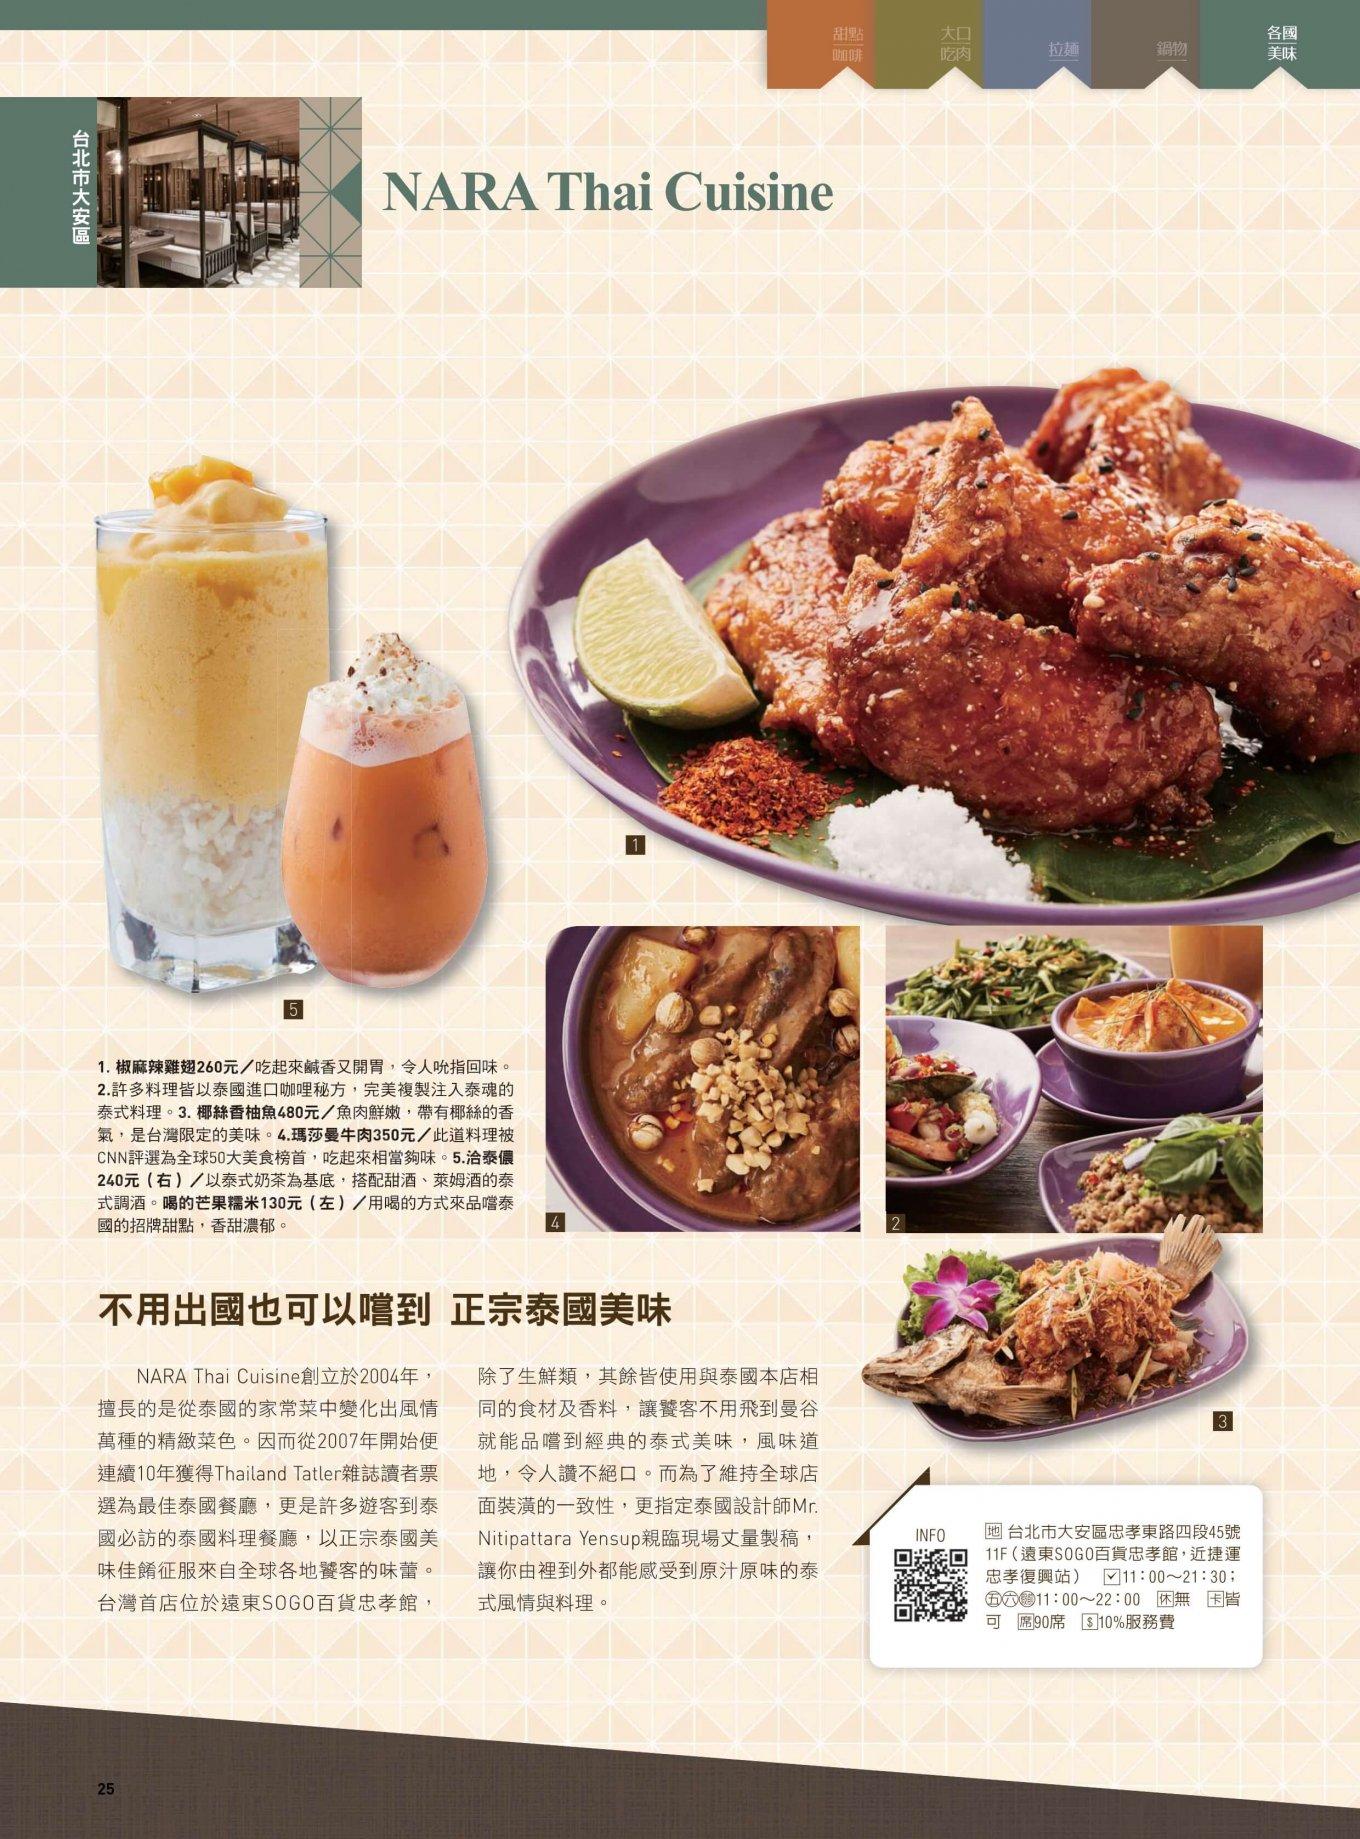 角川 MAGAZINE: 2017美味餐廳 第63期